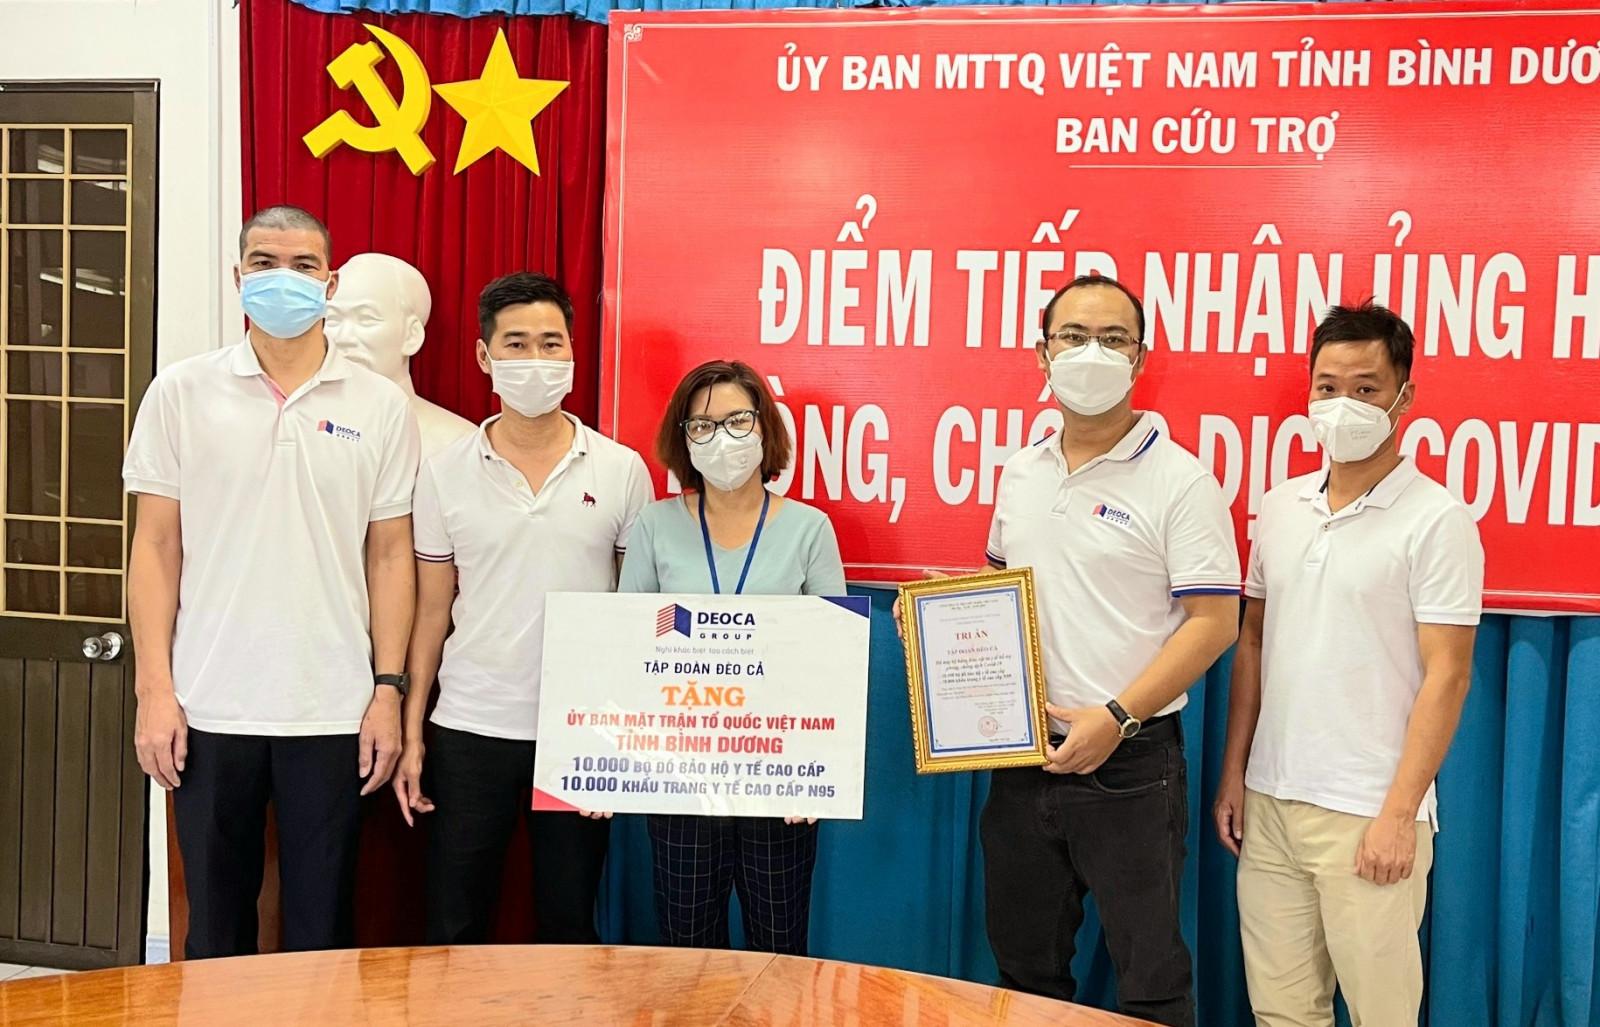 Đại diện Tập đoàn Đèo Cả trao tặng vật tư y tế cho Ủy ban MTTQ Việt Nam tỉnh Bình Dương để phục vụ công tác phòng chống dịch COVID-19.